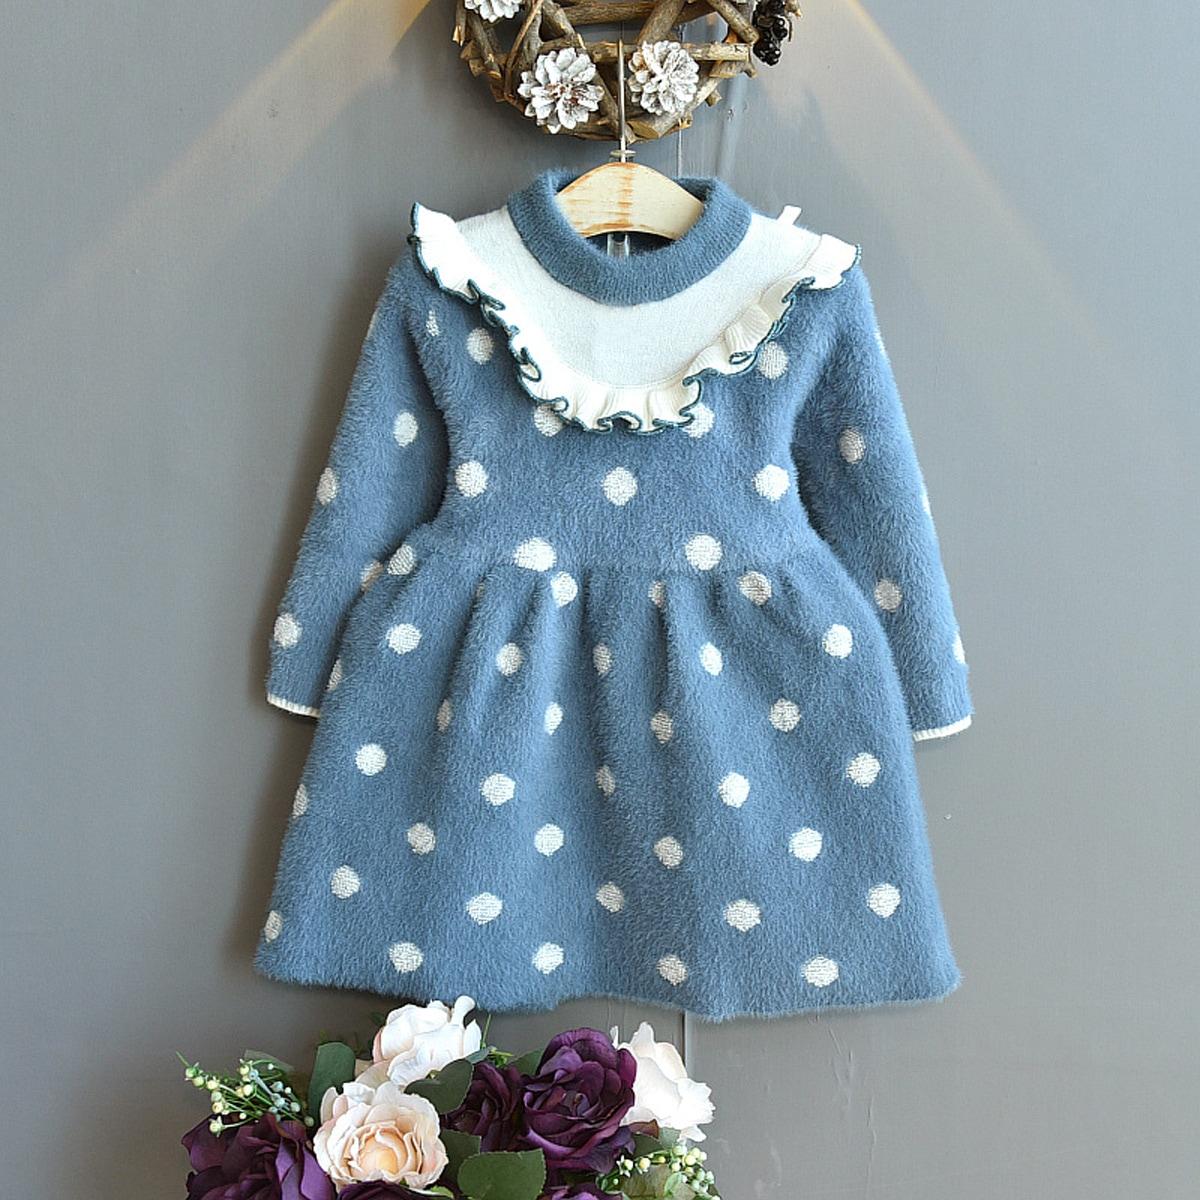 С оборками в горошек повседневный трикотажные платья для девочек